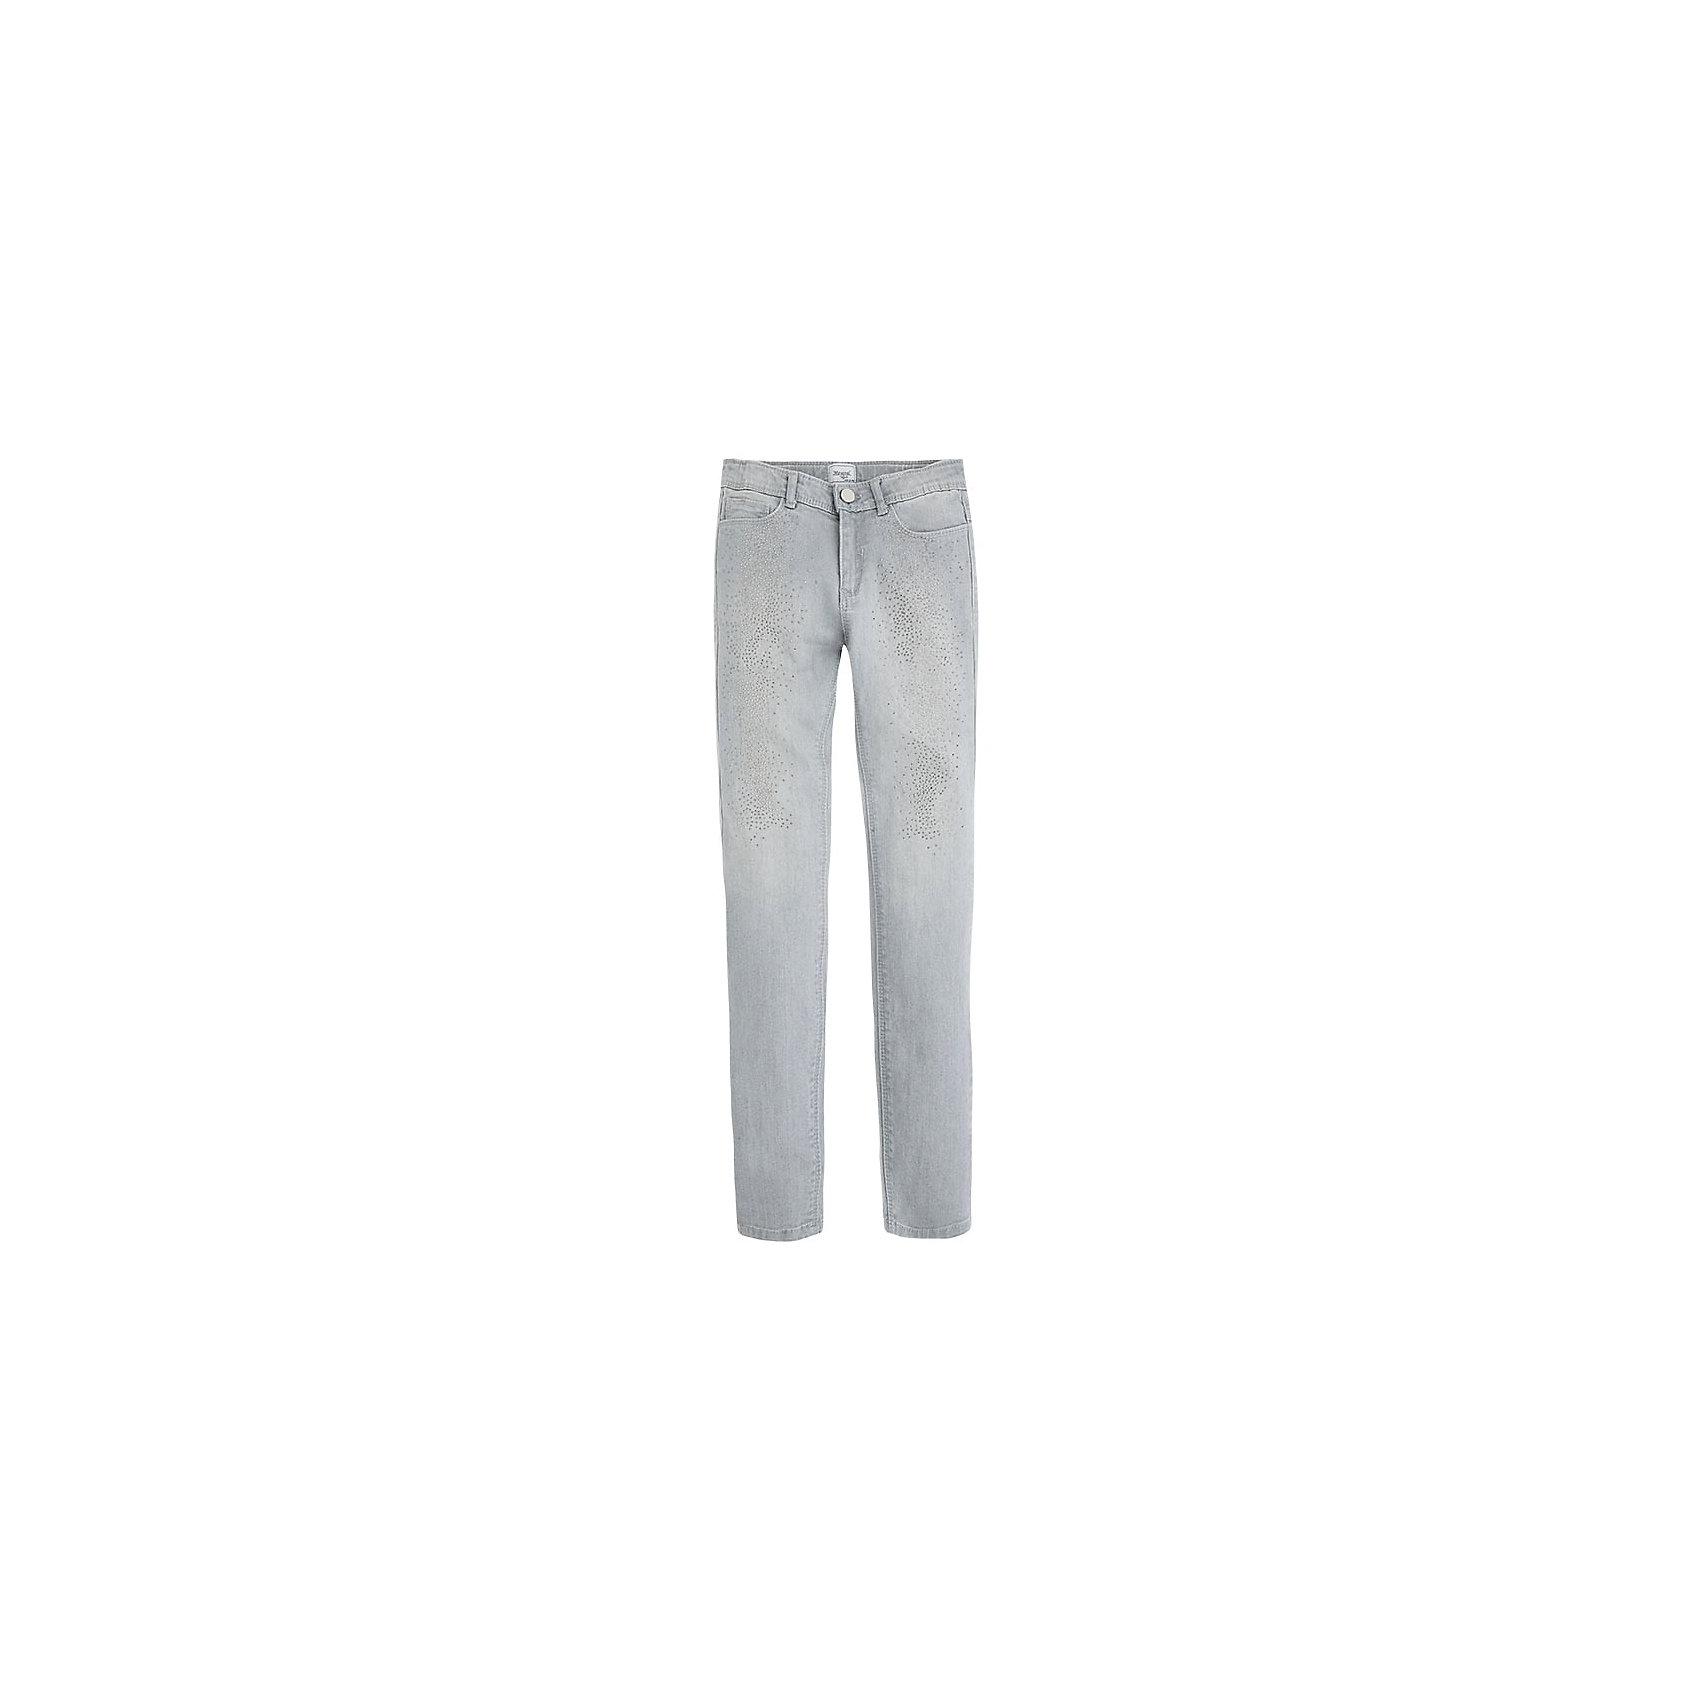 Джинсы для девочки MayoralДжинсовая одежда<br>Брюки для девочки от популярной испанской марки Mayoral.<br><br>Красивые необычные брюки от известного испанского бренда Mayoral дополнят гардероб девочки. Удобная посадка и качественный материал обеспечит ребенку комфорт при ношении этой вещи.<br><br>Особенности модели:<br>- цвет: серый;<br>- материал эластичный, легкий;<br>- преобладание хлопка в составе;<br>- на поясе - внутренние резинки для регулировки размера;<br>- штанины слегка заужены.<br><br>Состав: 98% хлопок, 2% эластан<br>Уход за изделием:<br><br>стирка в при температуре до 30°С,<br>не отбеливать.<br> <br>Брюки для девочки Mayoral (Майорал) можно купить в нашем магазине.<br><br>Ширина мм: 215<br>Глубина мм: 88<br>Высота мм: 191<br>Вес г: 336<br>Цвет: серый<br>Возраст от месяцев: 108<br>Возраст до месяцев: 120<br>Пол: Женский<br>Возраст: Детский<br>Размер: 140,158,164,152,128<br>SKU: 4190366